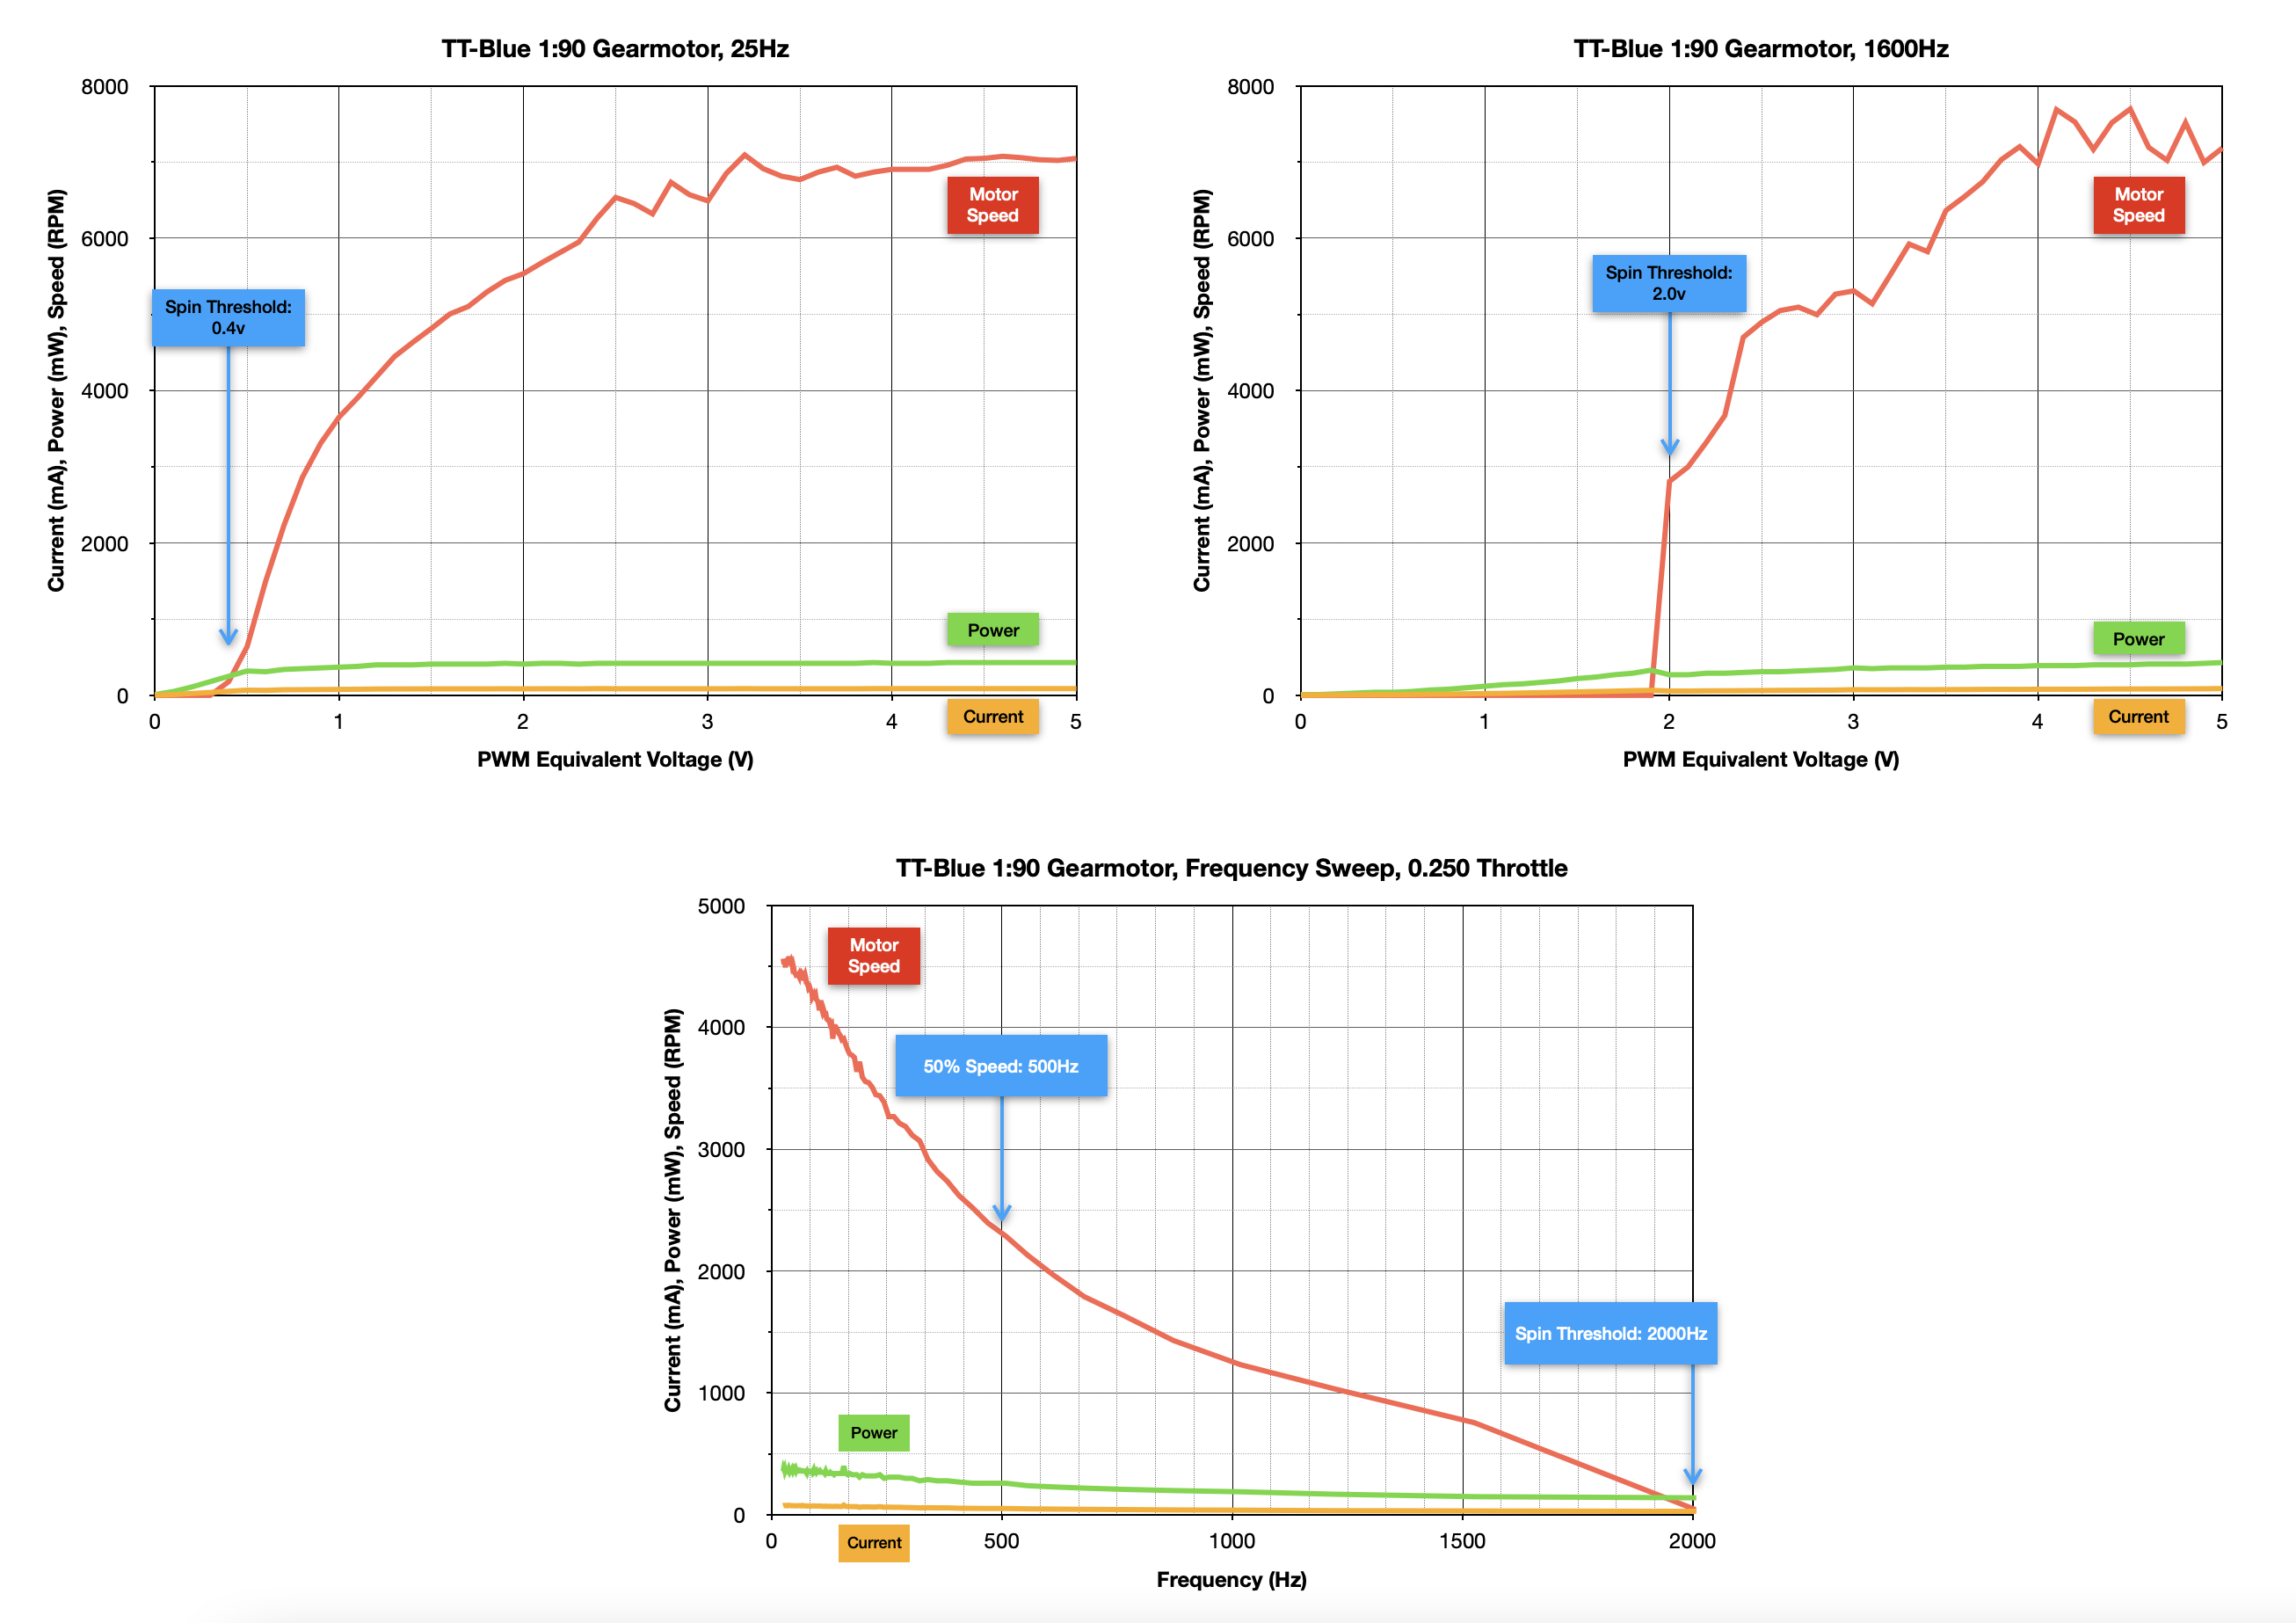 robotics___cnc_TT-Blue_Summary_Graphs.png